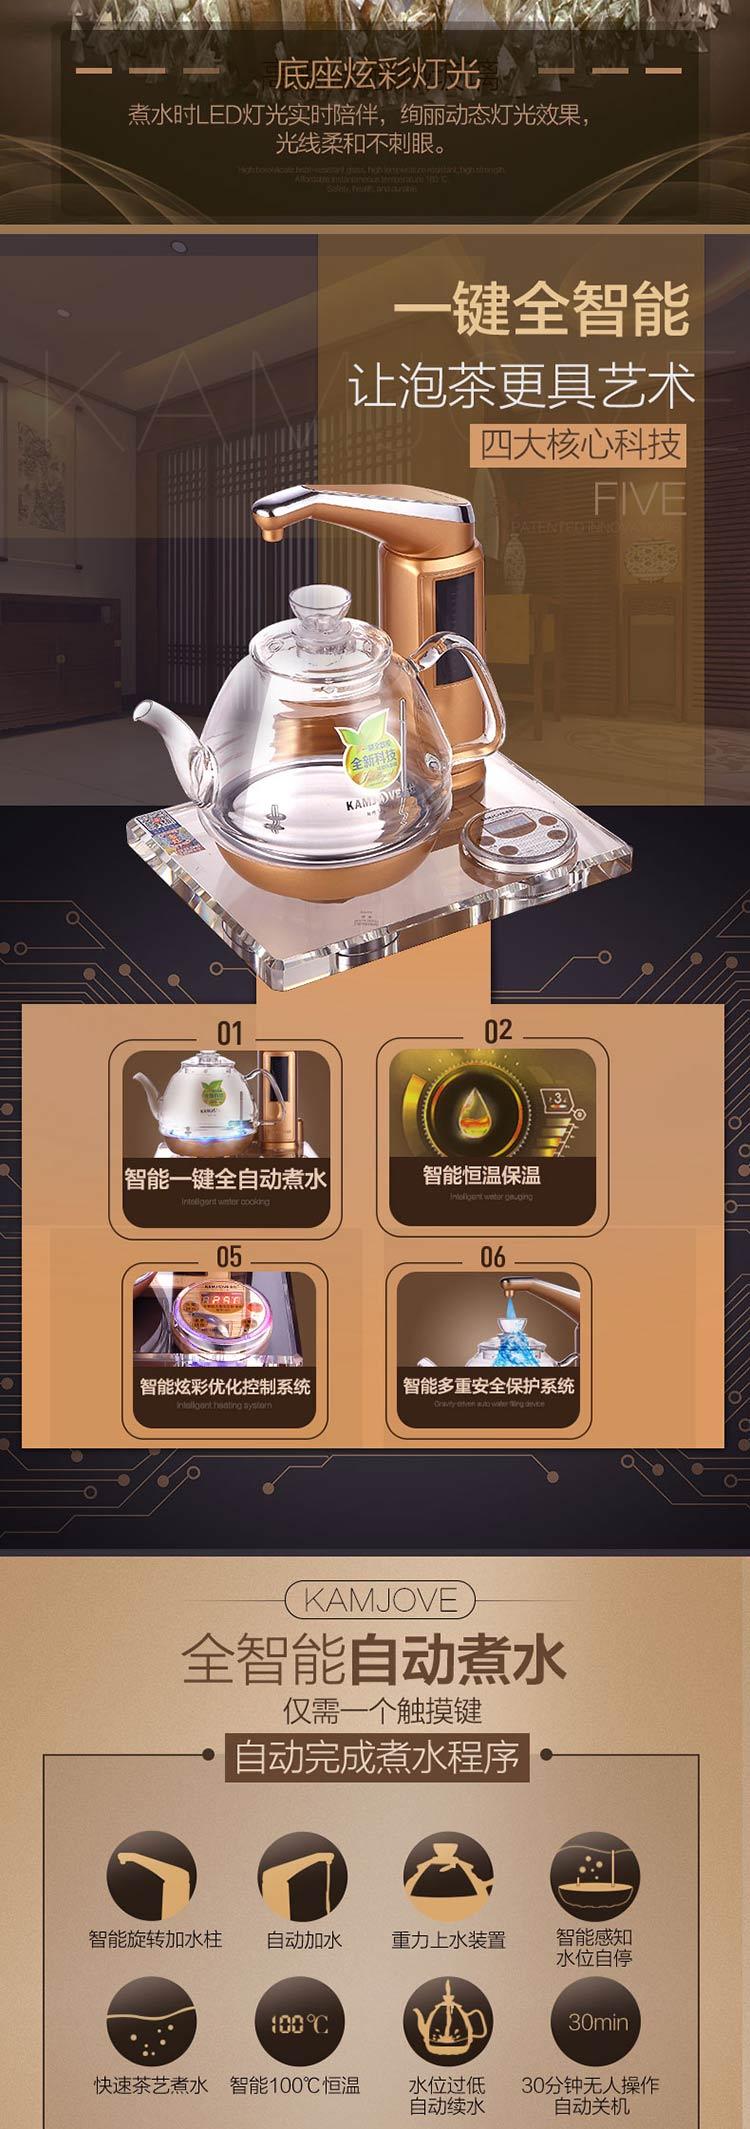 B7【添加进水管】_02